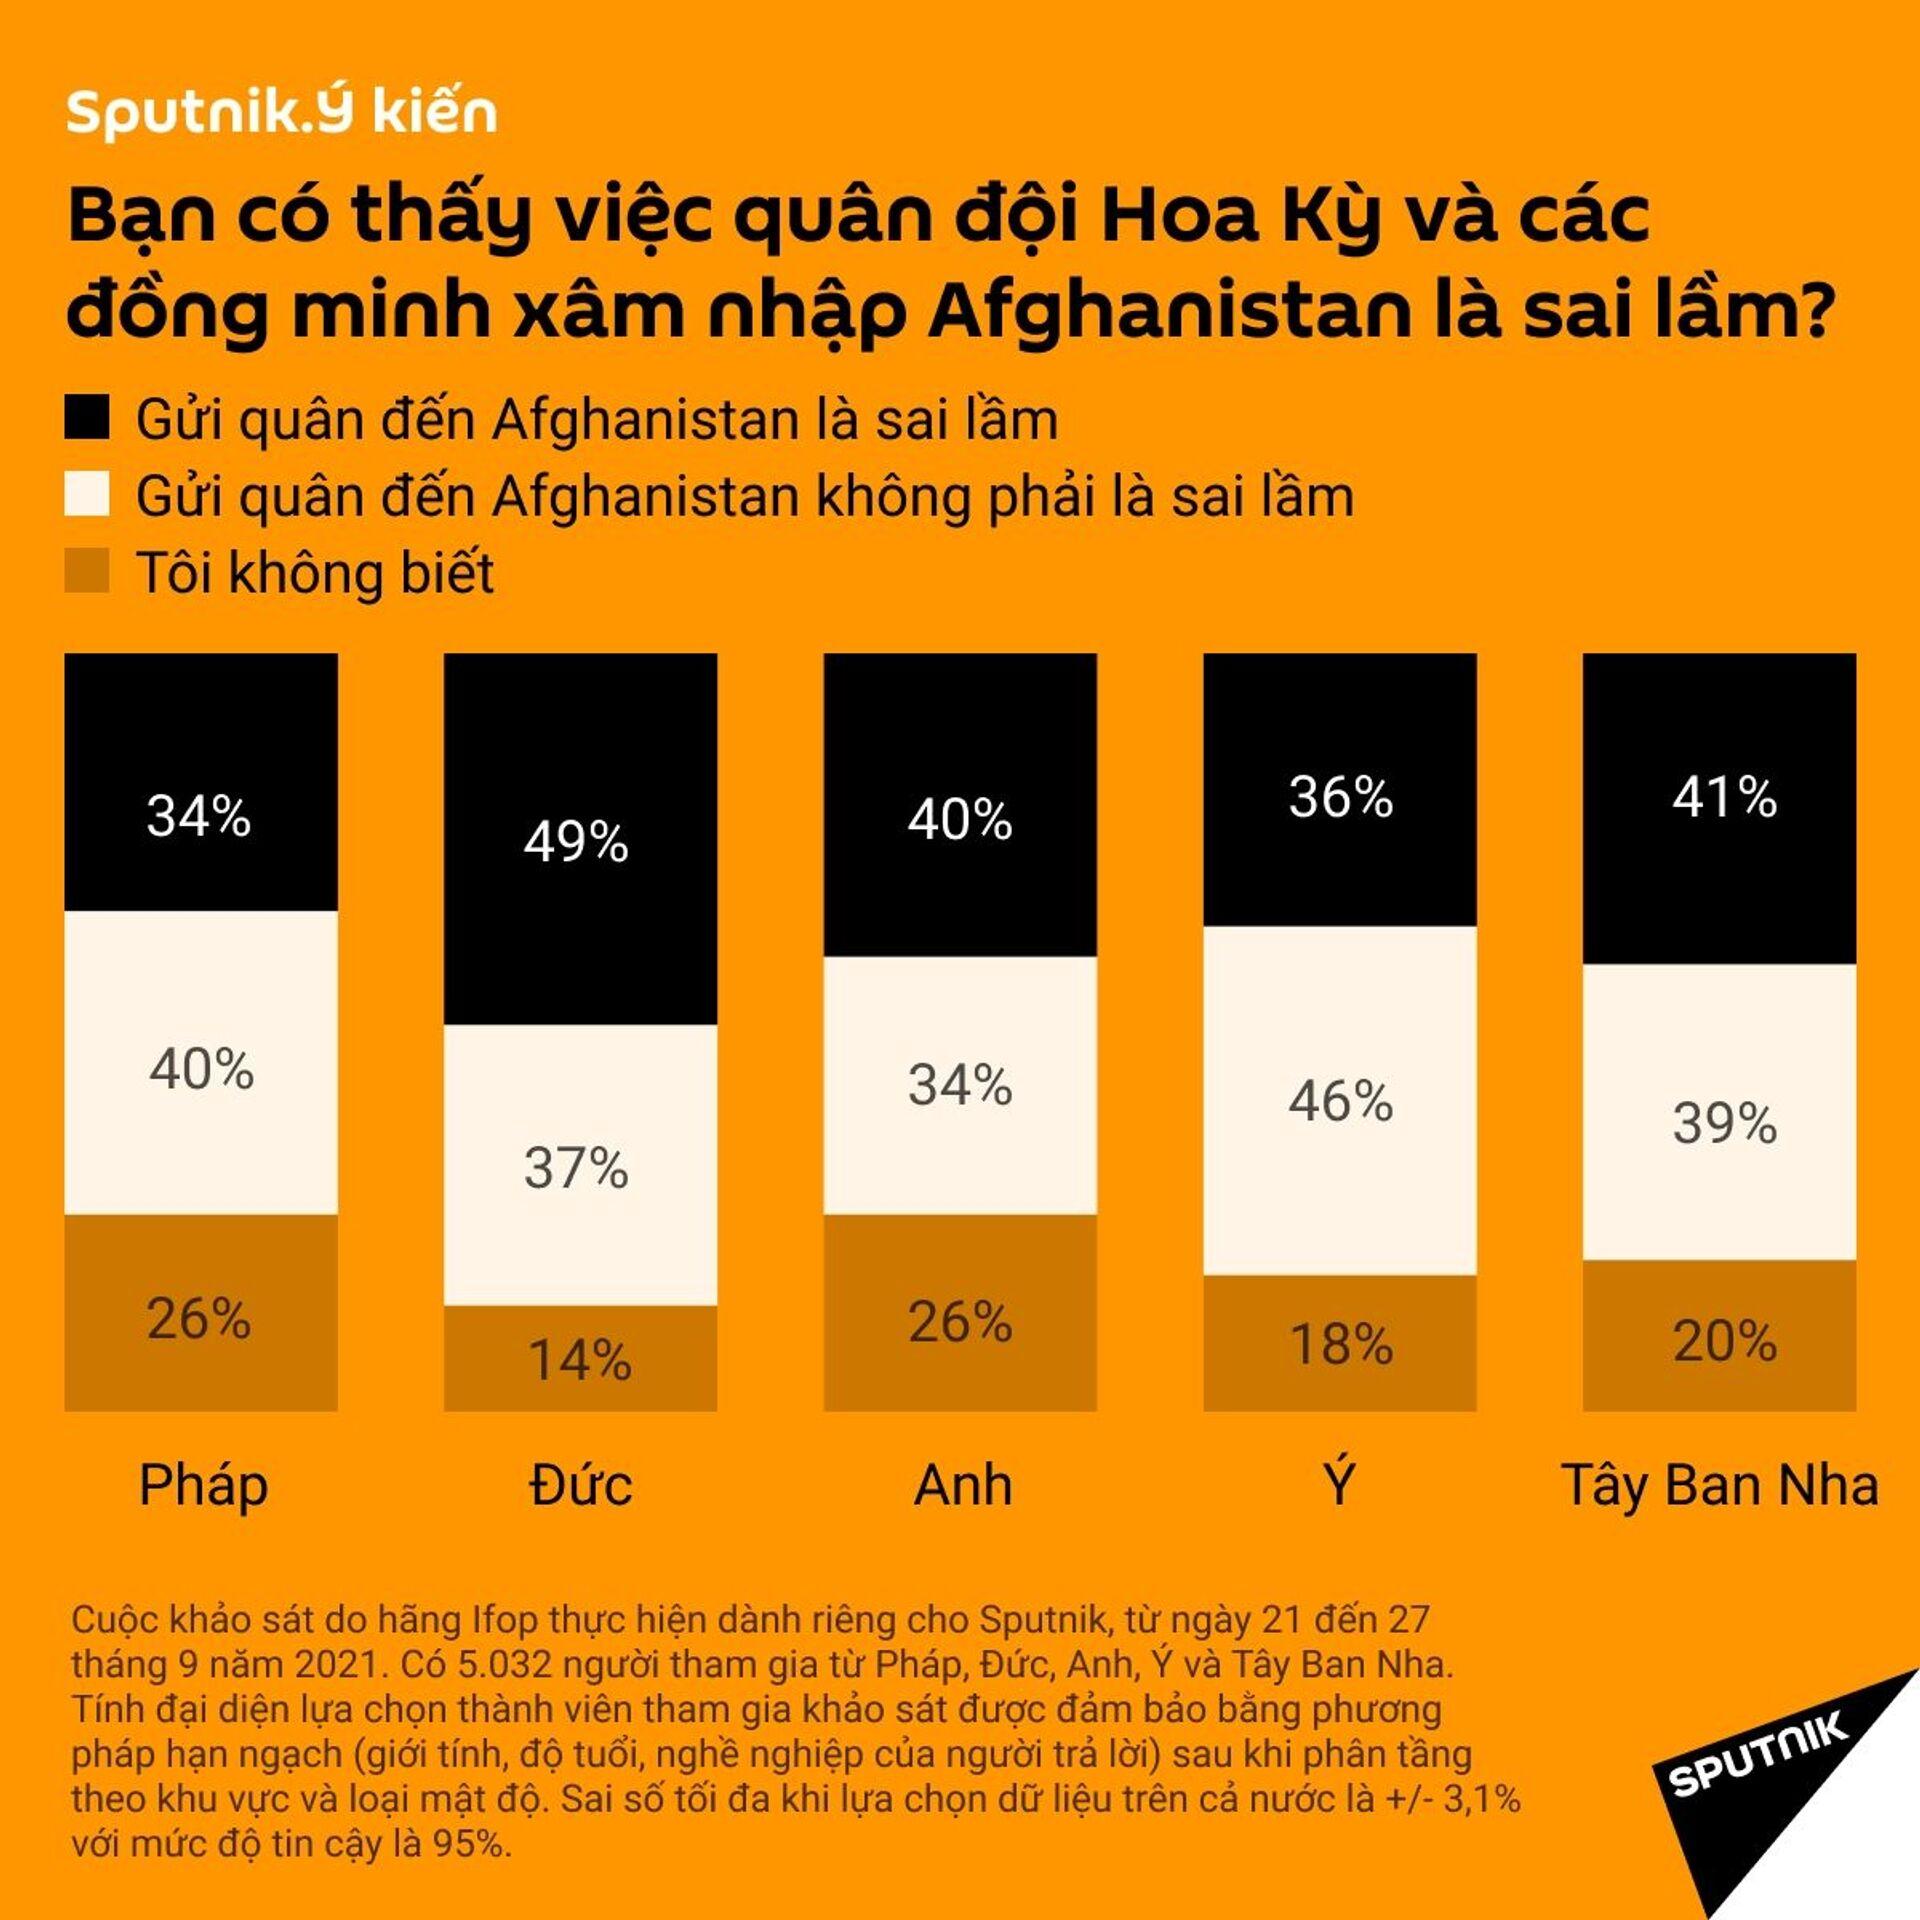 Người châu Âu nghĩ gì về việc Mỹ rút quân khỏi Afghanistan? - Sputnik Việt Nam, 1920, 05.10.2021